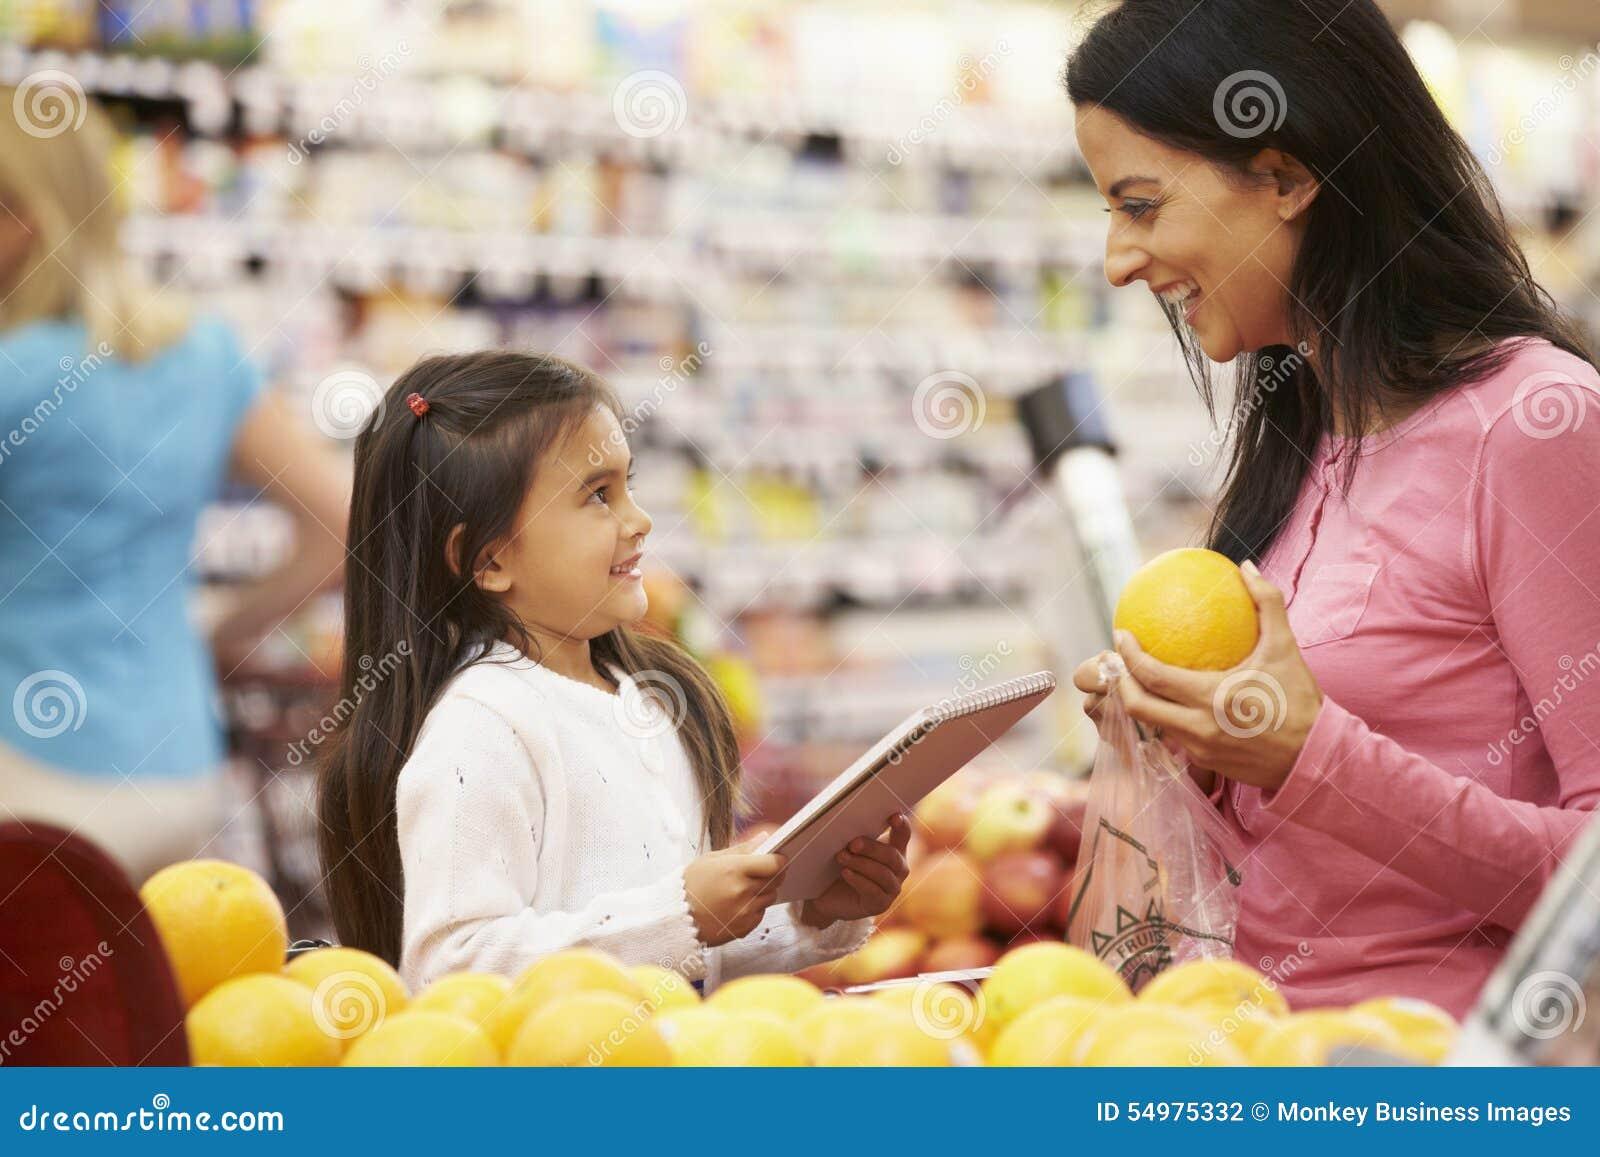 Moder och dotter på frukträknaren i supermarket med listan